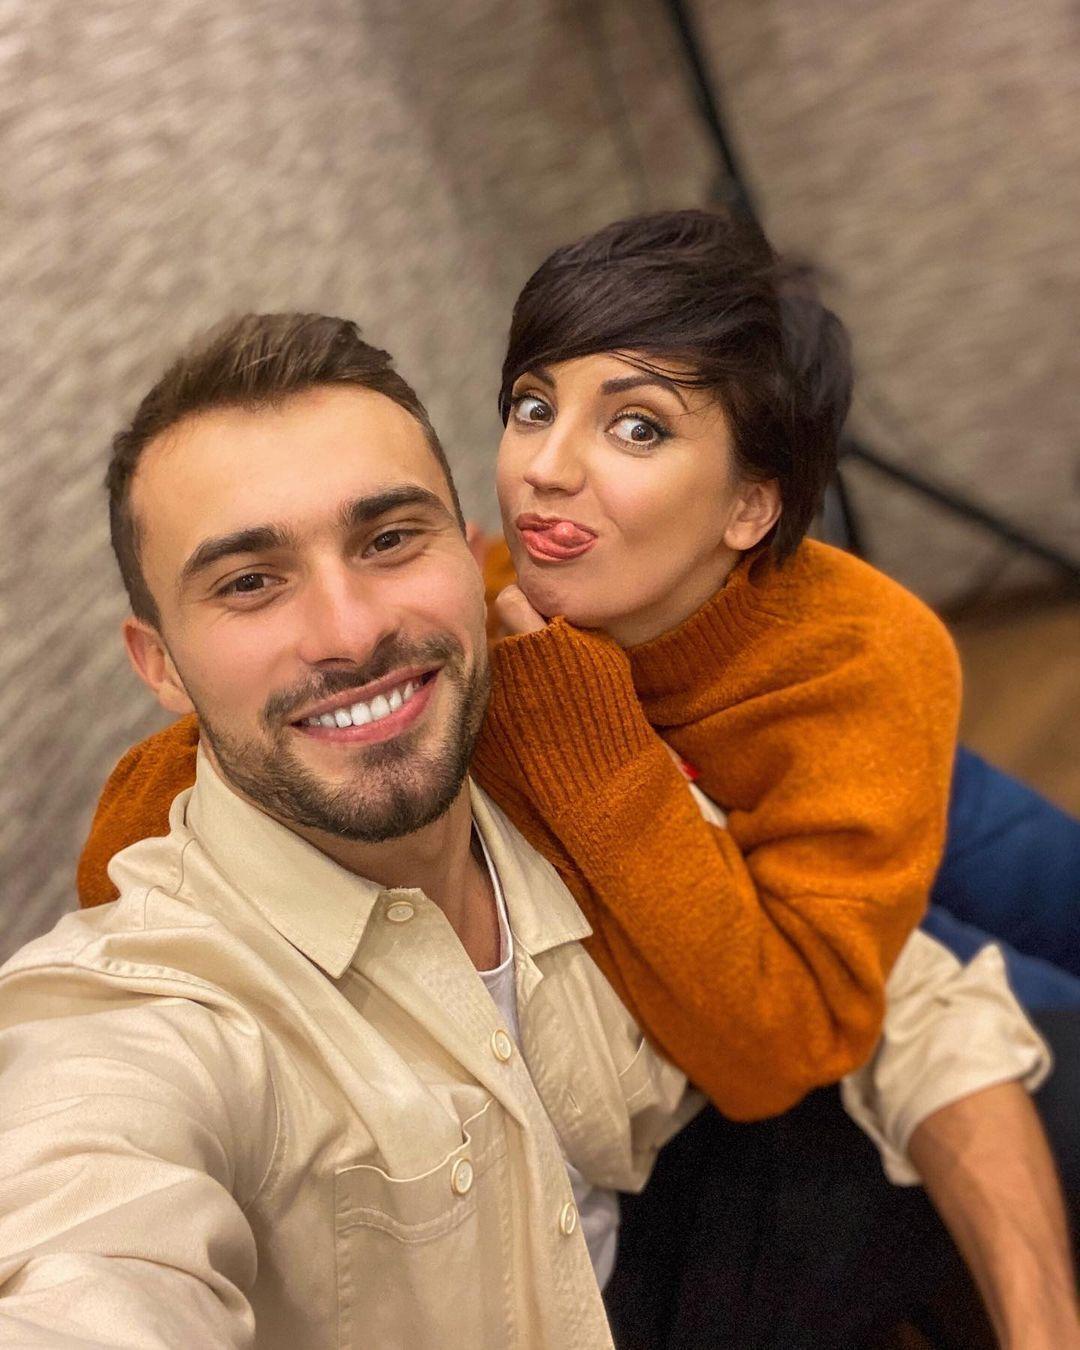 Олександр Прохоров і Ольга Цибульська